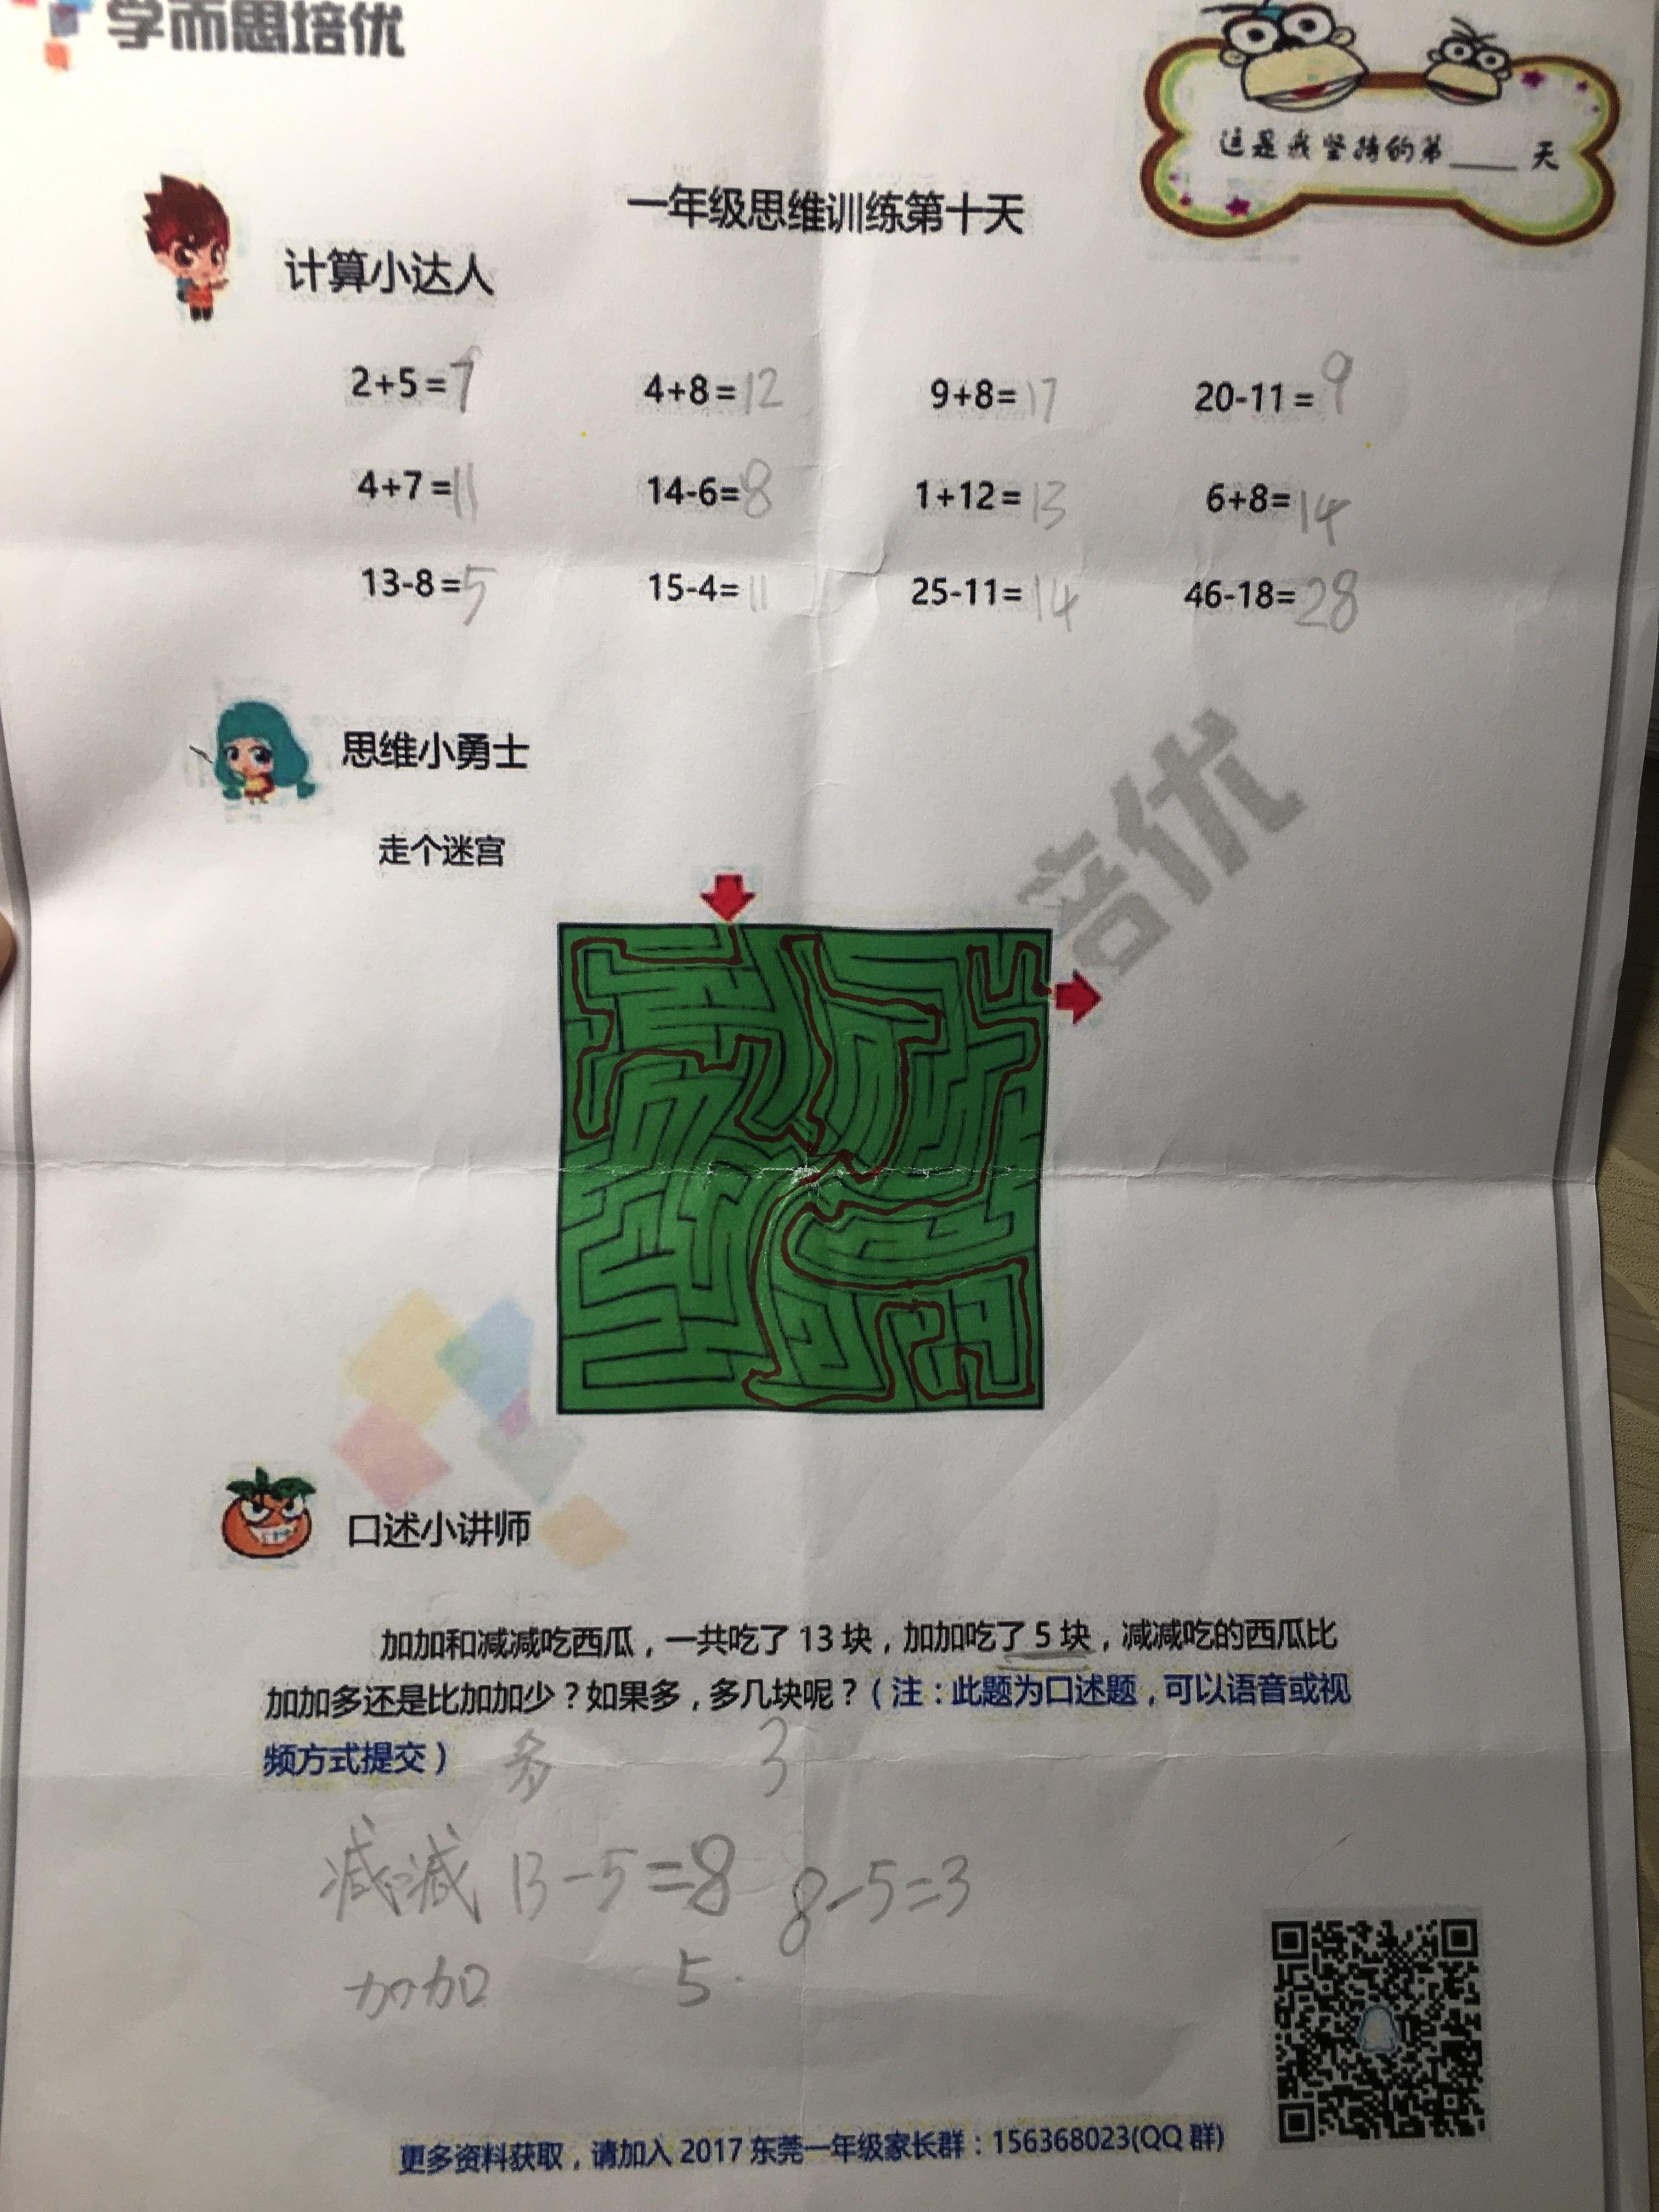 3AAE4C2D-D747-48AE-A6DD-29108CBCB754.jpg